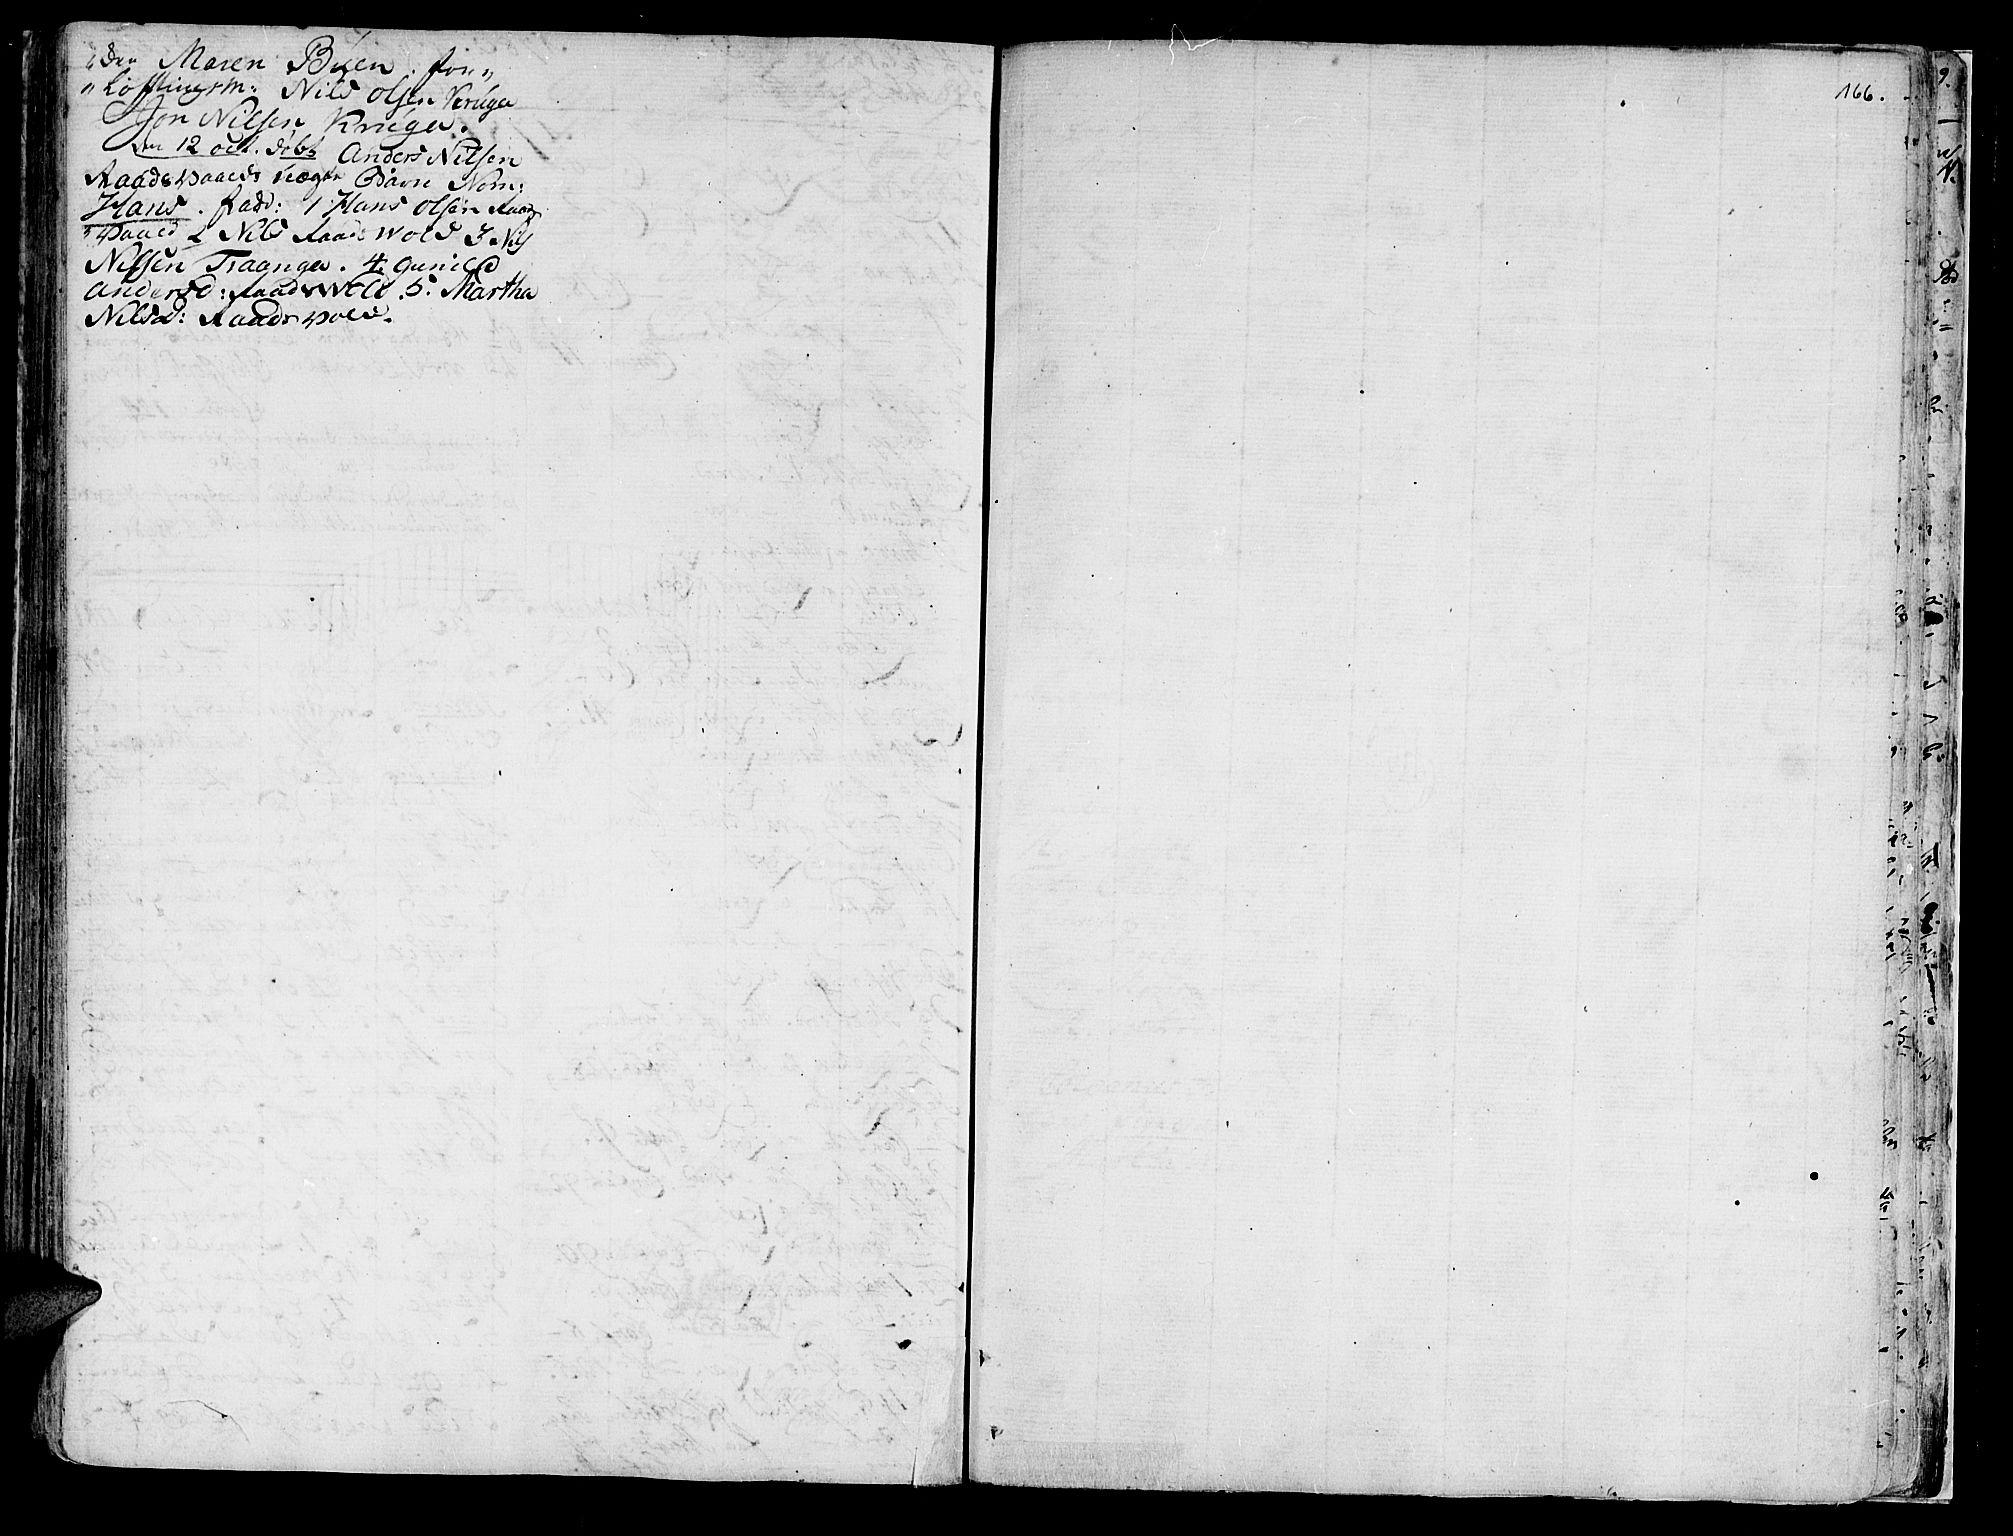 SAT, Ministerialprotokoller, klokkerbøker og fødselsregistre - Nord-Trøndelag, 701/L0003: Ministerialbok nr. 701A03, 1751-1783, s. 166